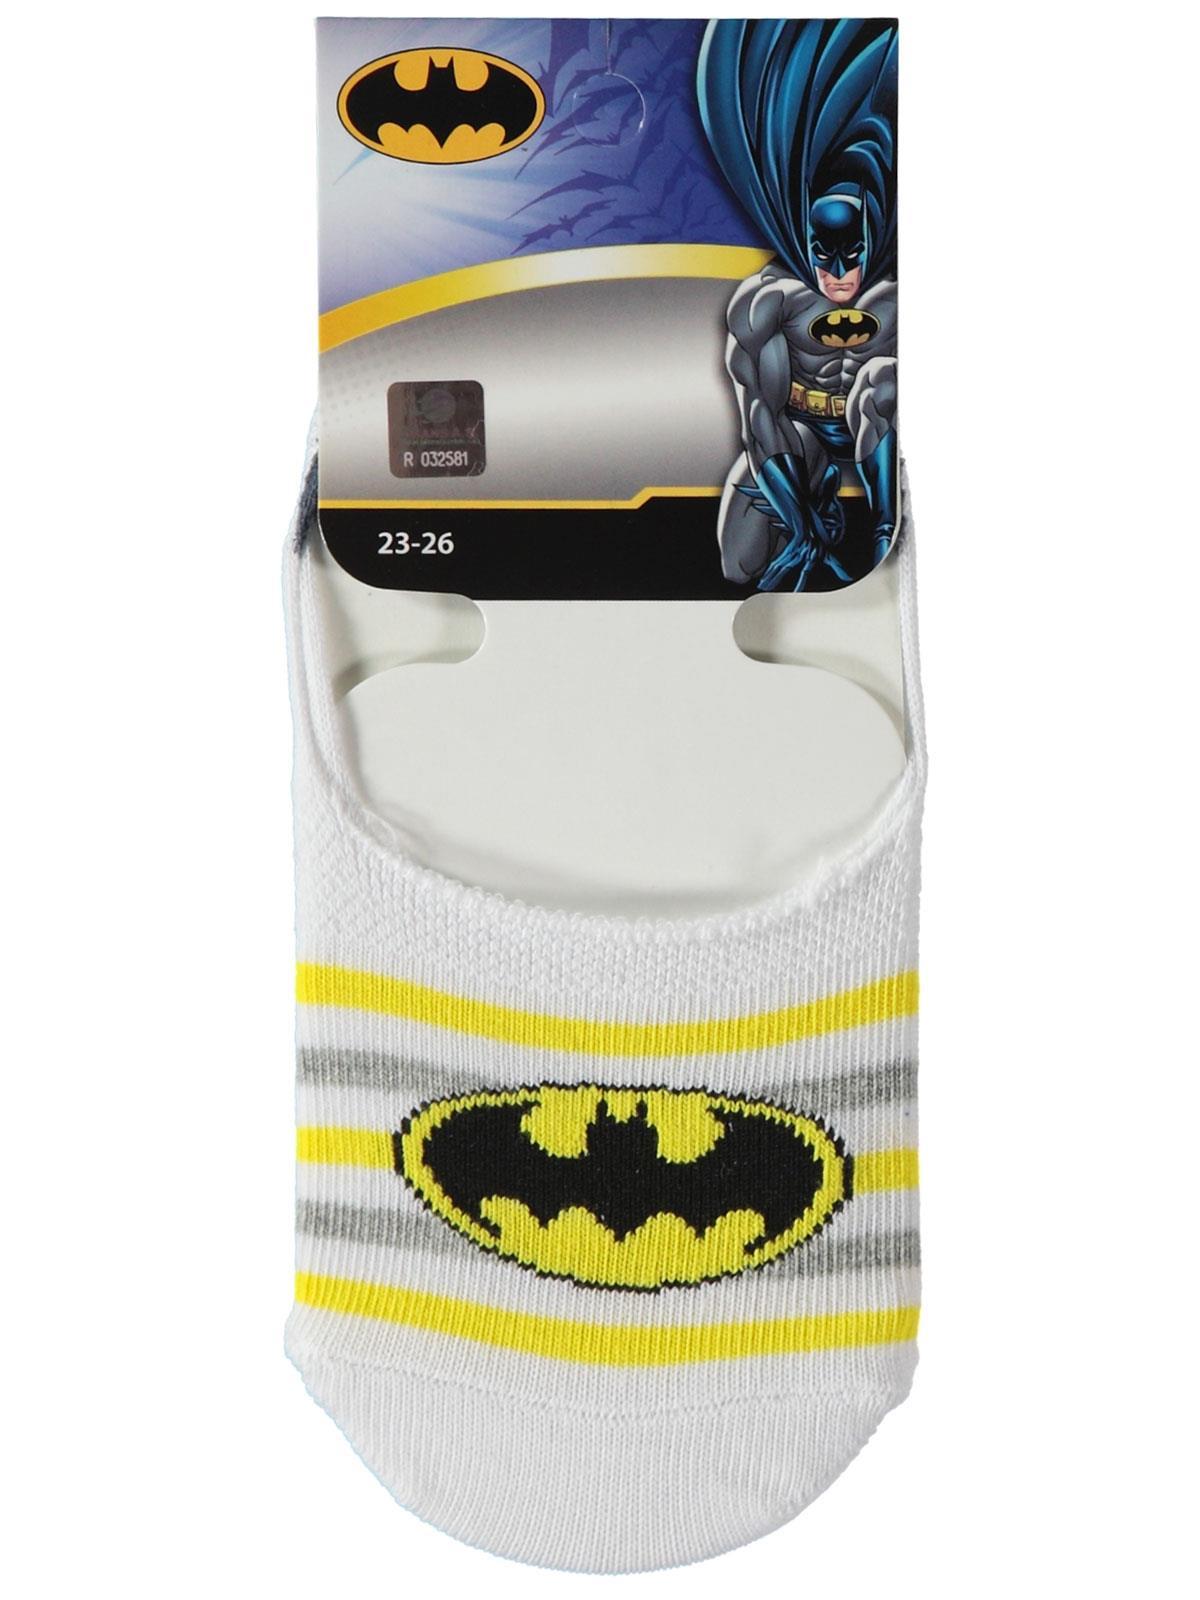 Batman Age 5-9 Boy Socks White Ballet Flats